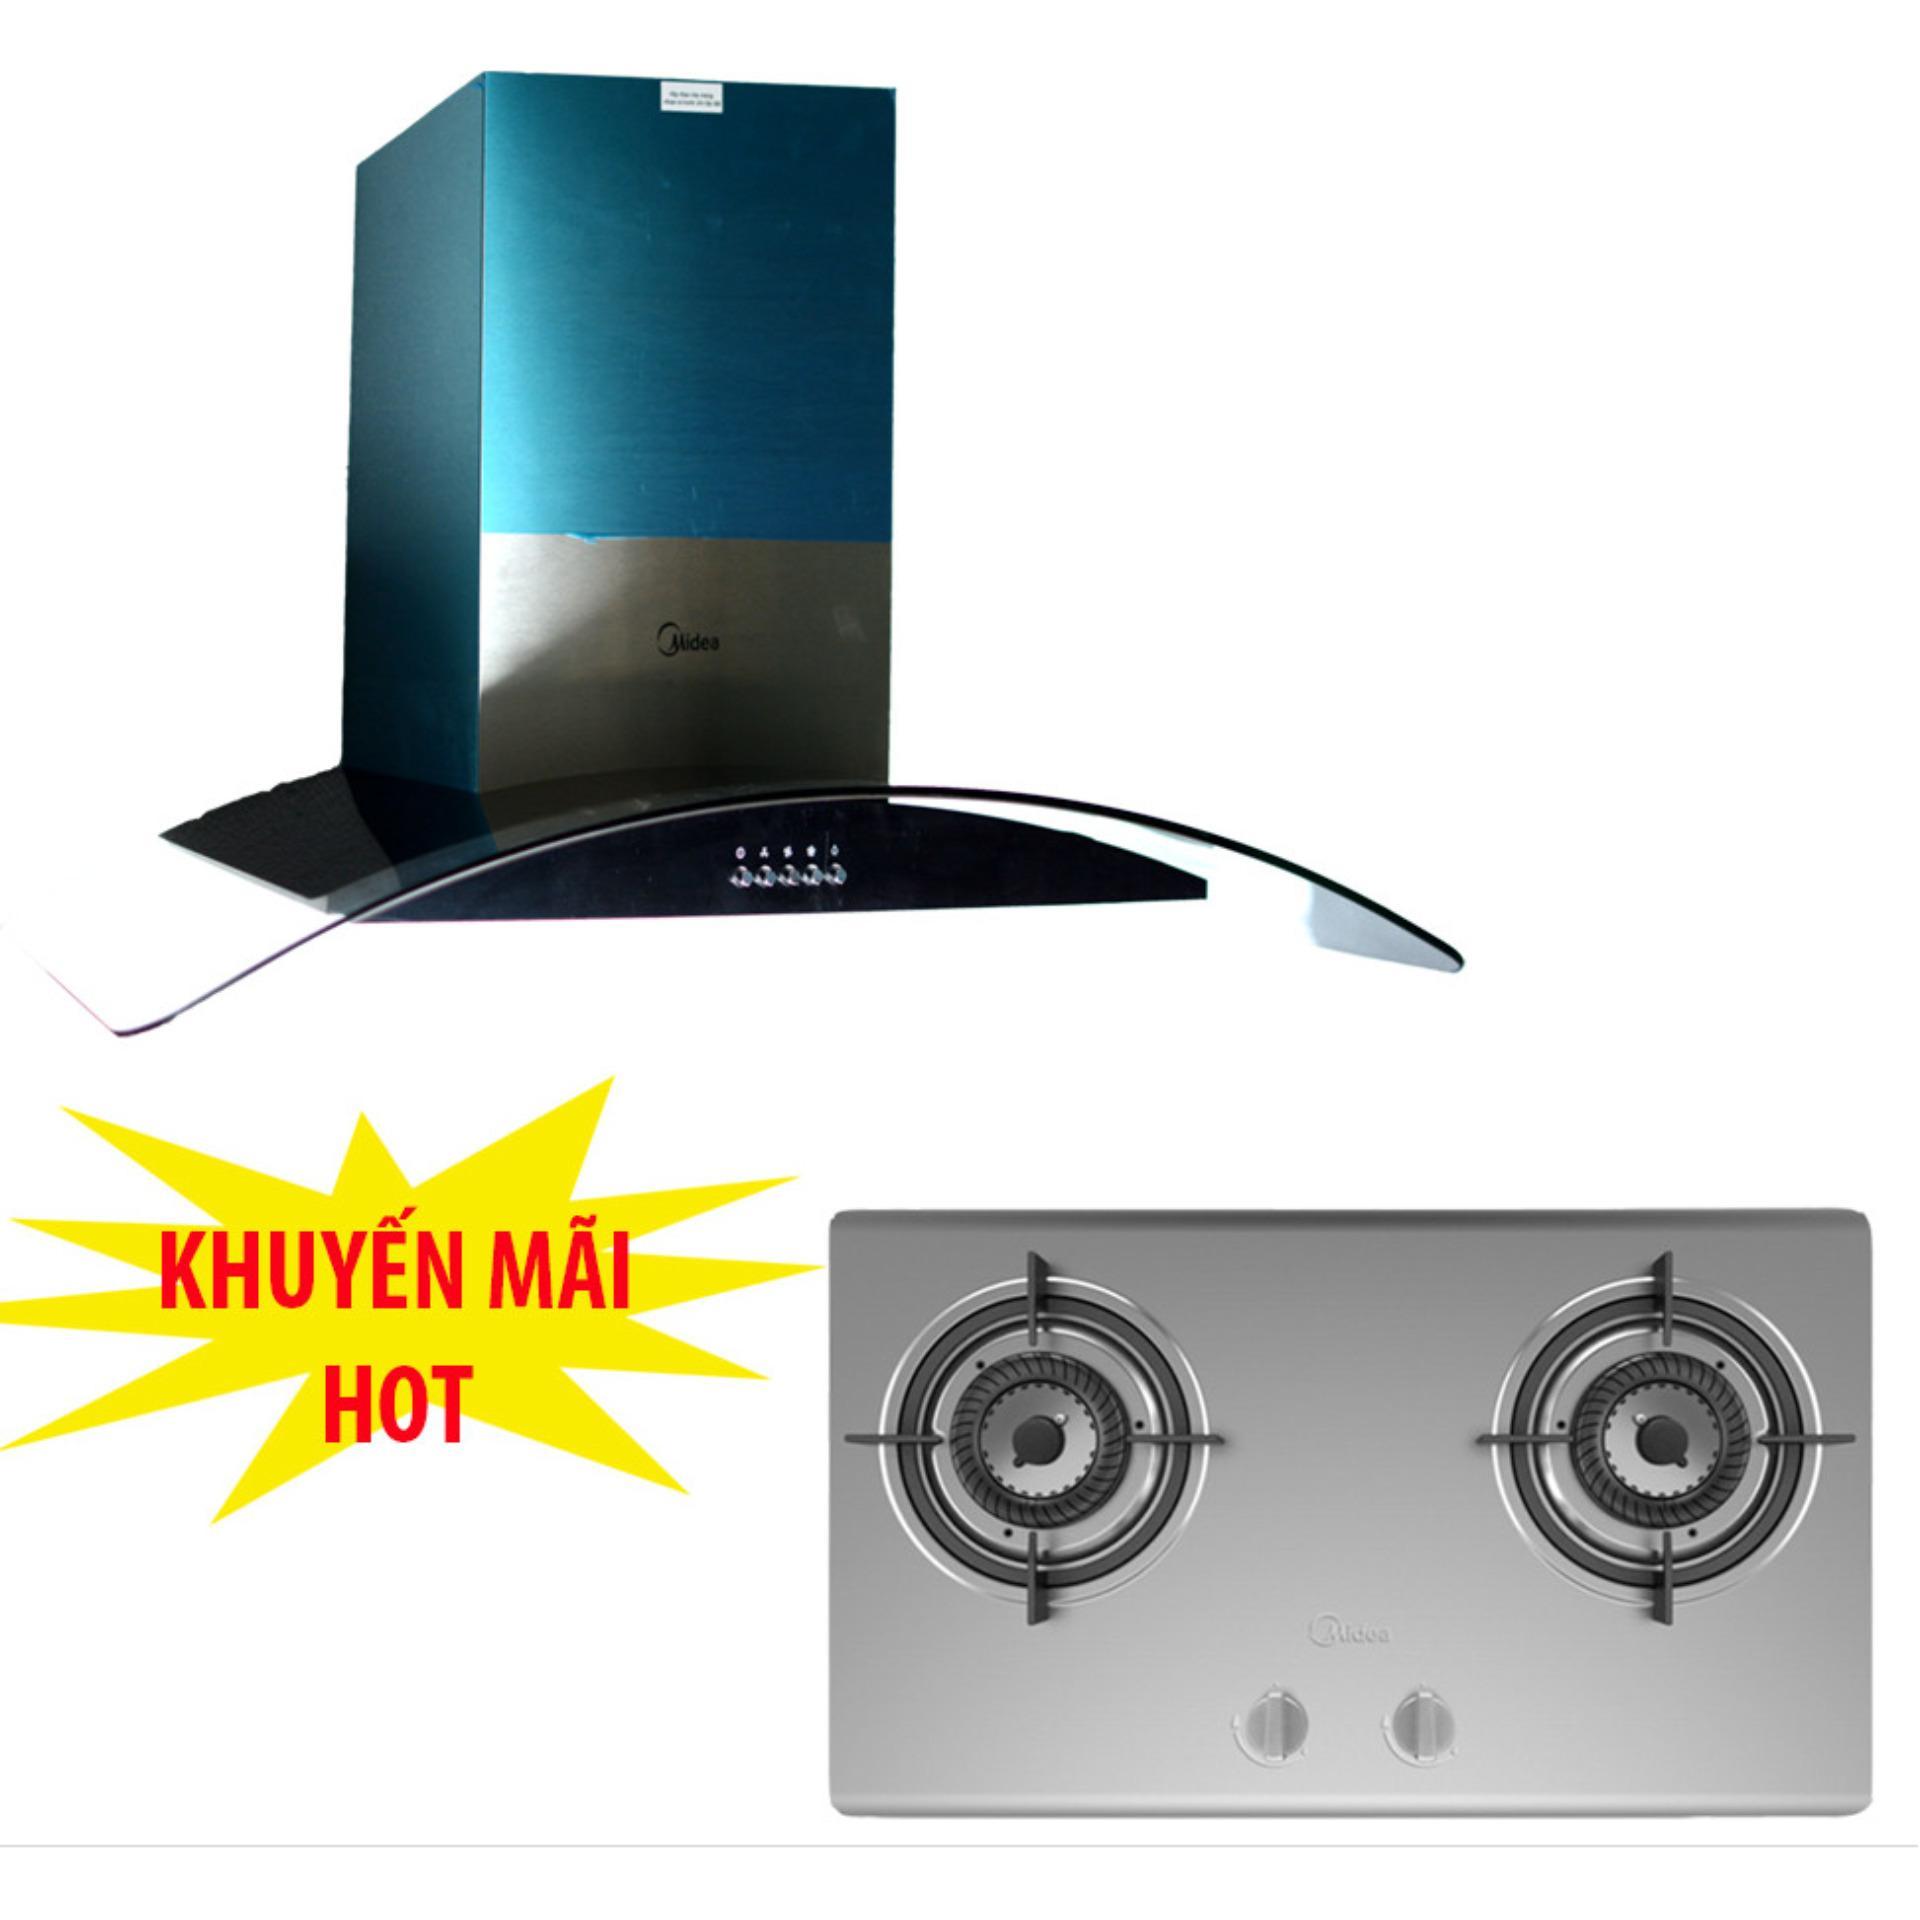 Bảng Giá Máy hút khói Midea E90MEW2V33 (Bạc) + Tặng 01 bếp gas âm Midea MQ7210-S